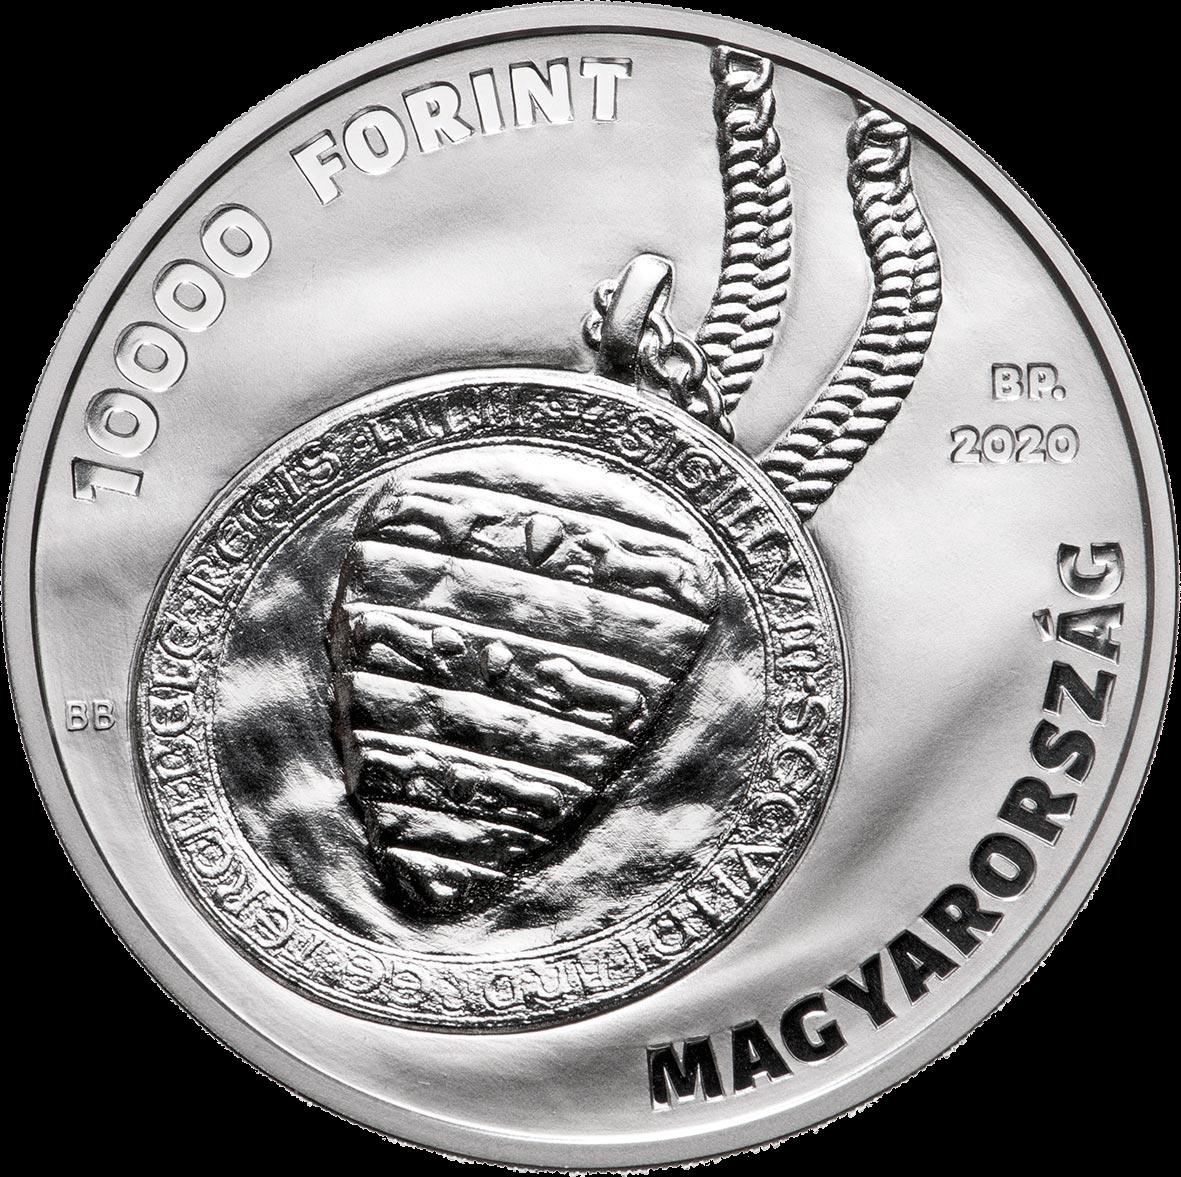 Венгрия монета 10000 форинтов 30 лет Конституционного Суда Венгрии, аверс